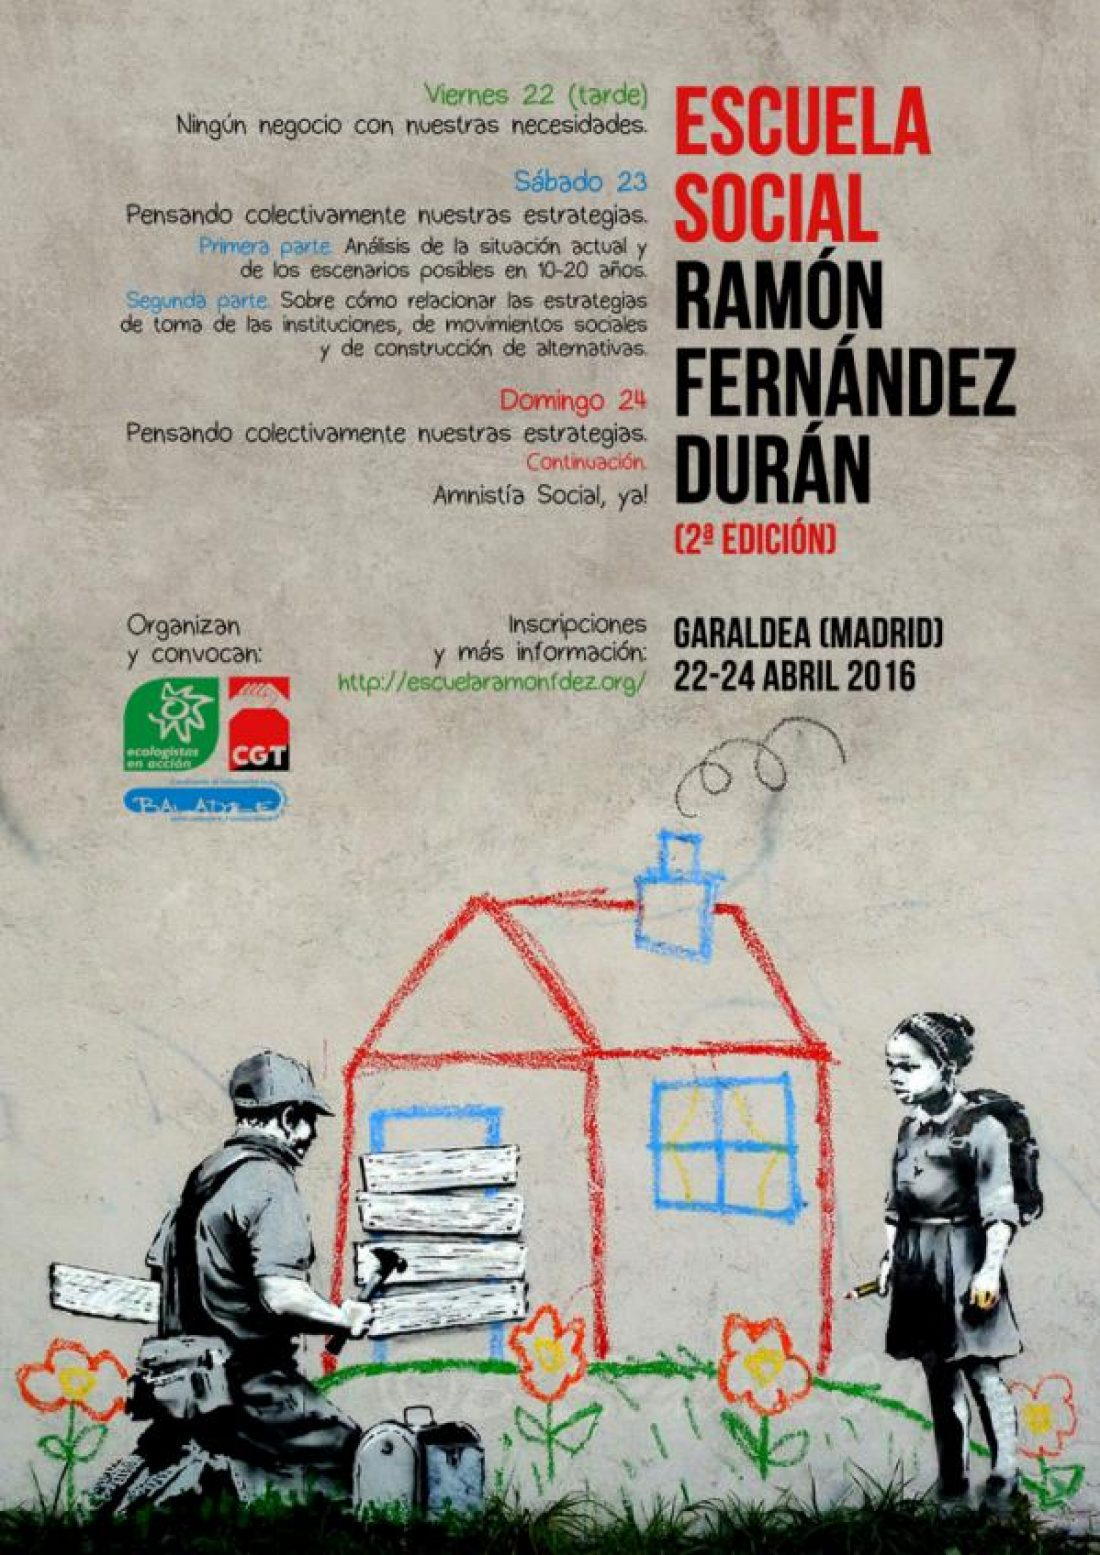 En marcha una nueva edición de la Escuela Social Ramón Fernández Durán